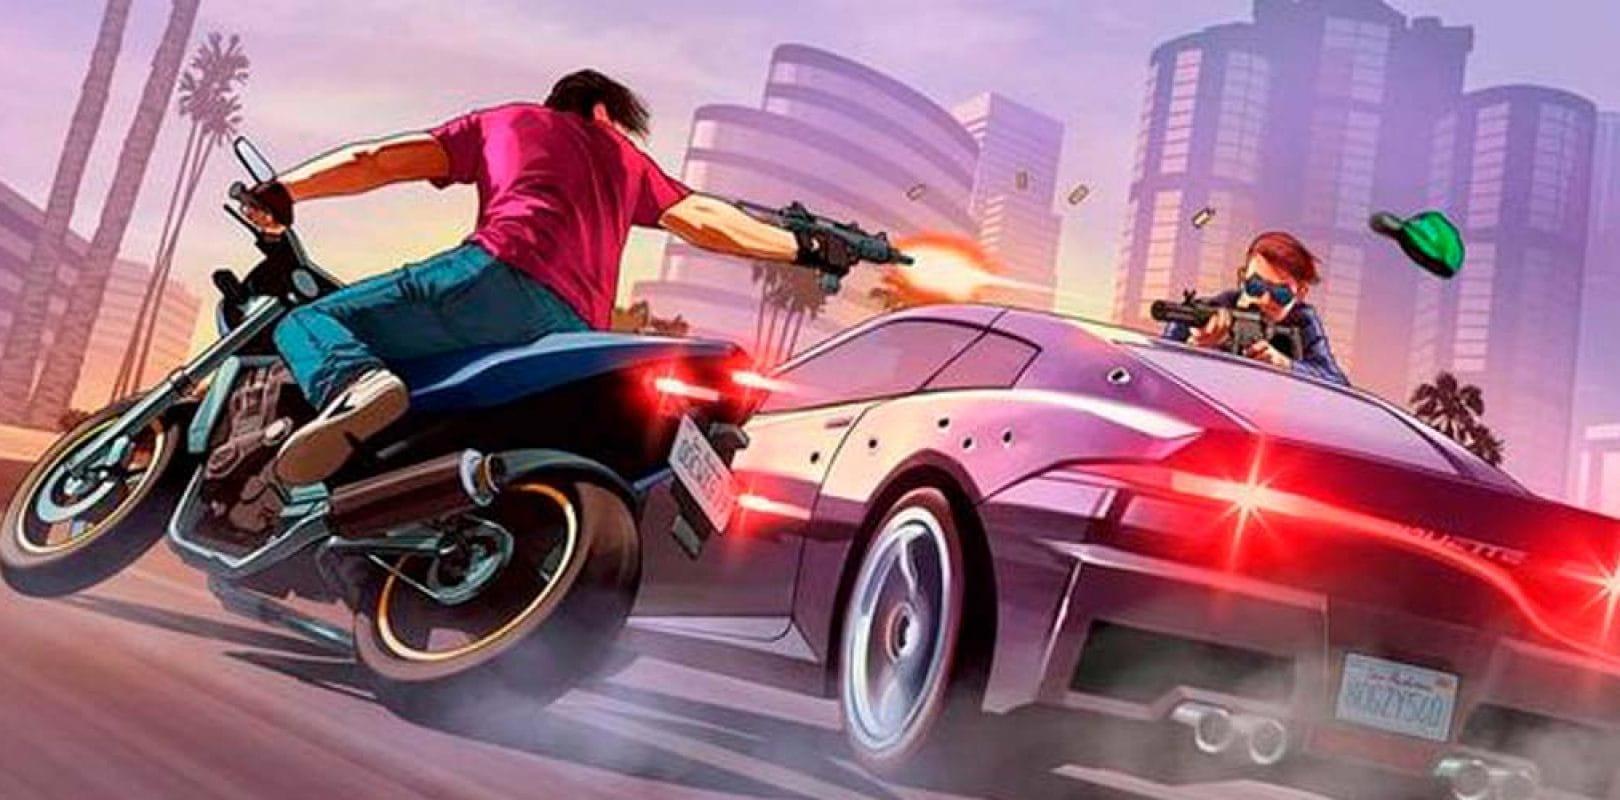 Servidores de GTA Online no PlayStation 3 e Xbox 360 serão encerrados